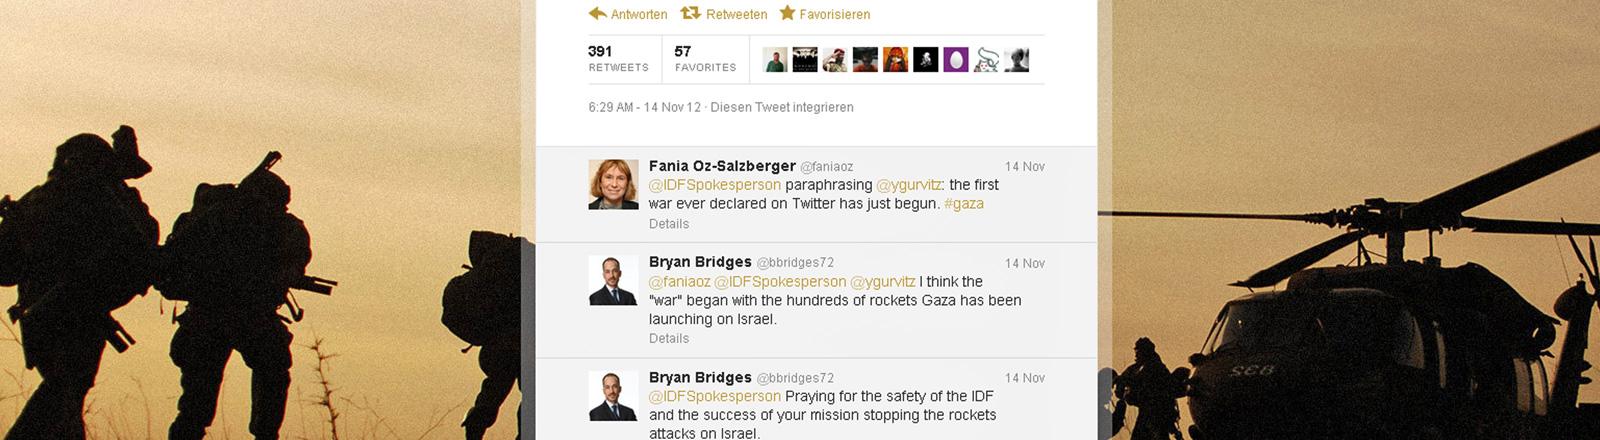 Screenshot (15.11.2012) zeigt eine deutsche Twitterseite, auf der die israelischen Streitkräfte ihren Angriff auf Gaza mitteilen; Bild: dpa